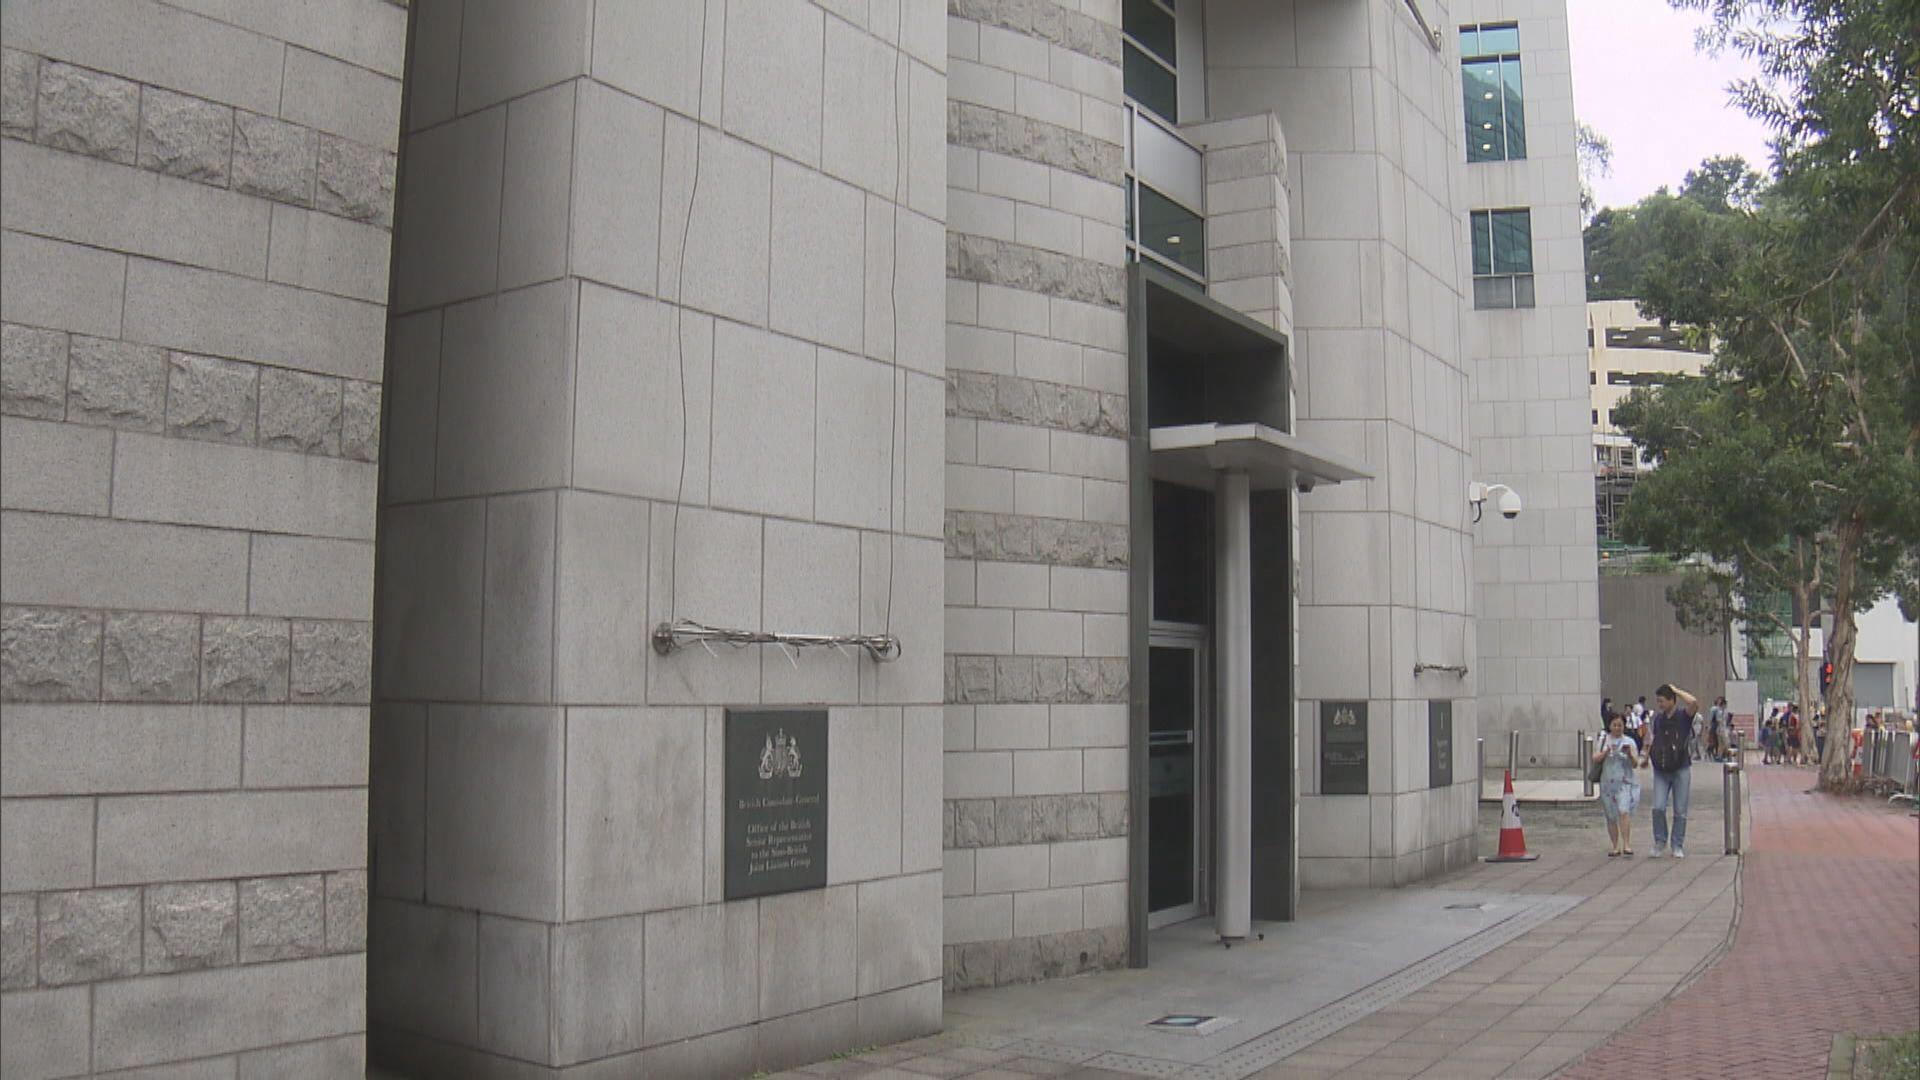 英領館職員遭內地拘留 家人稱未知原因